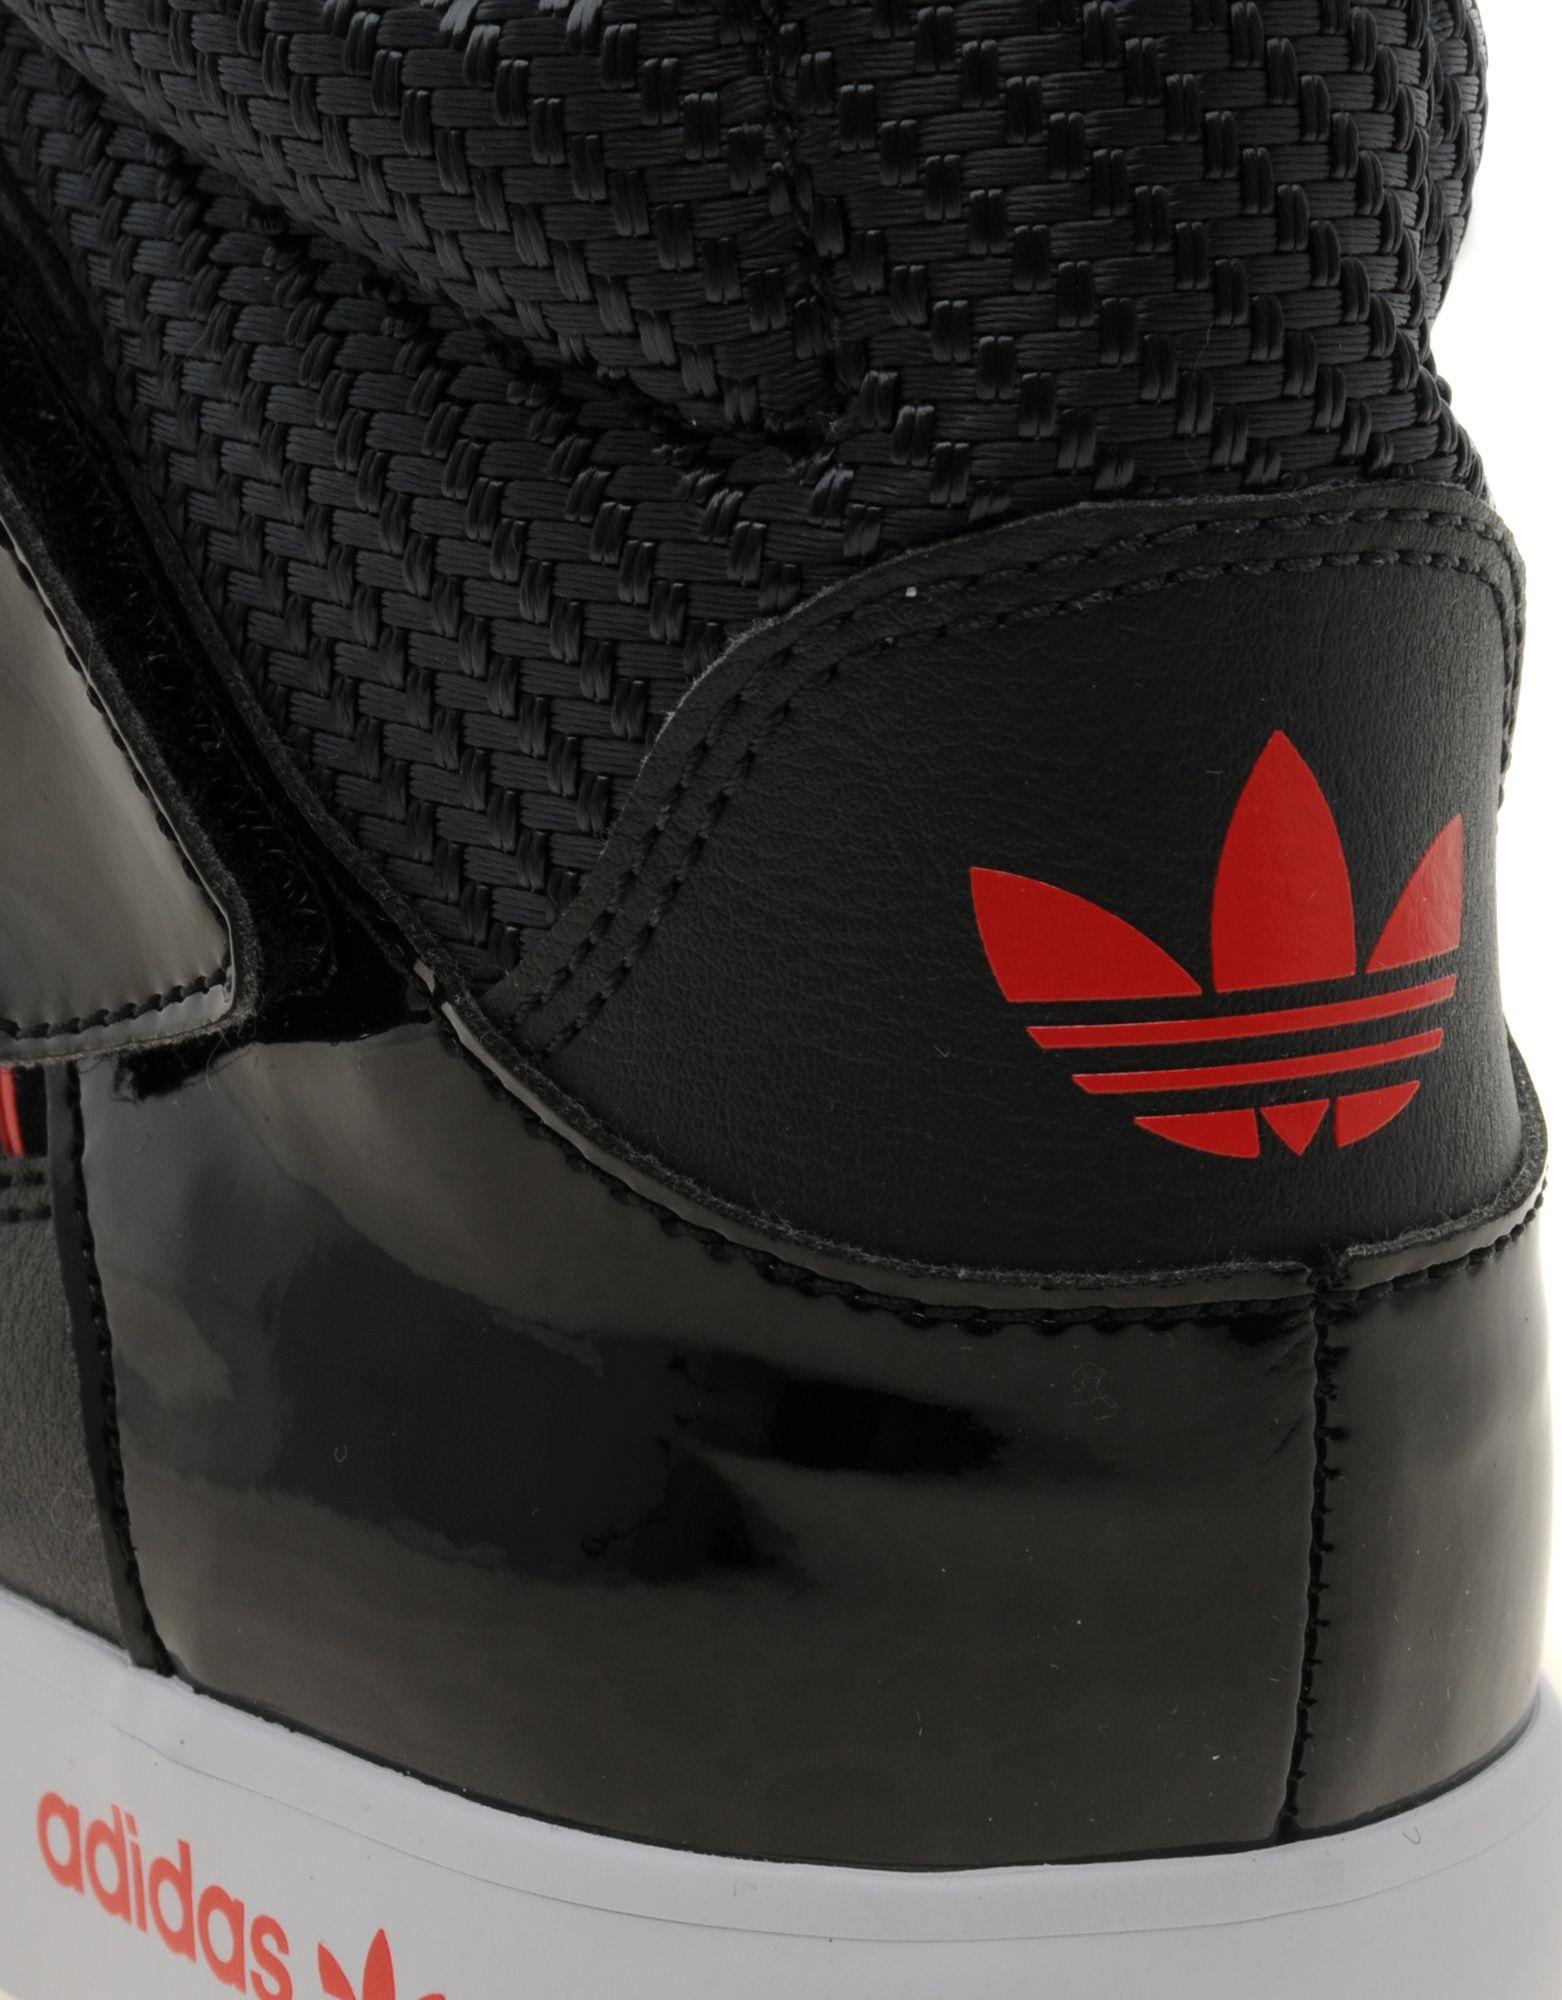 adidas Originals Adi-Rise 2.0 Childrens